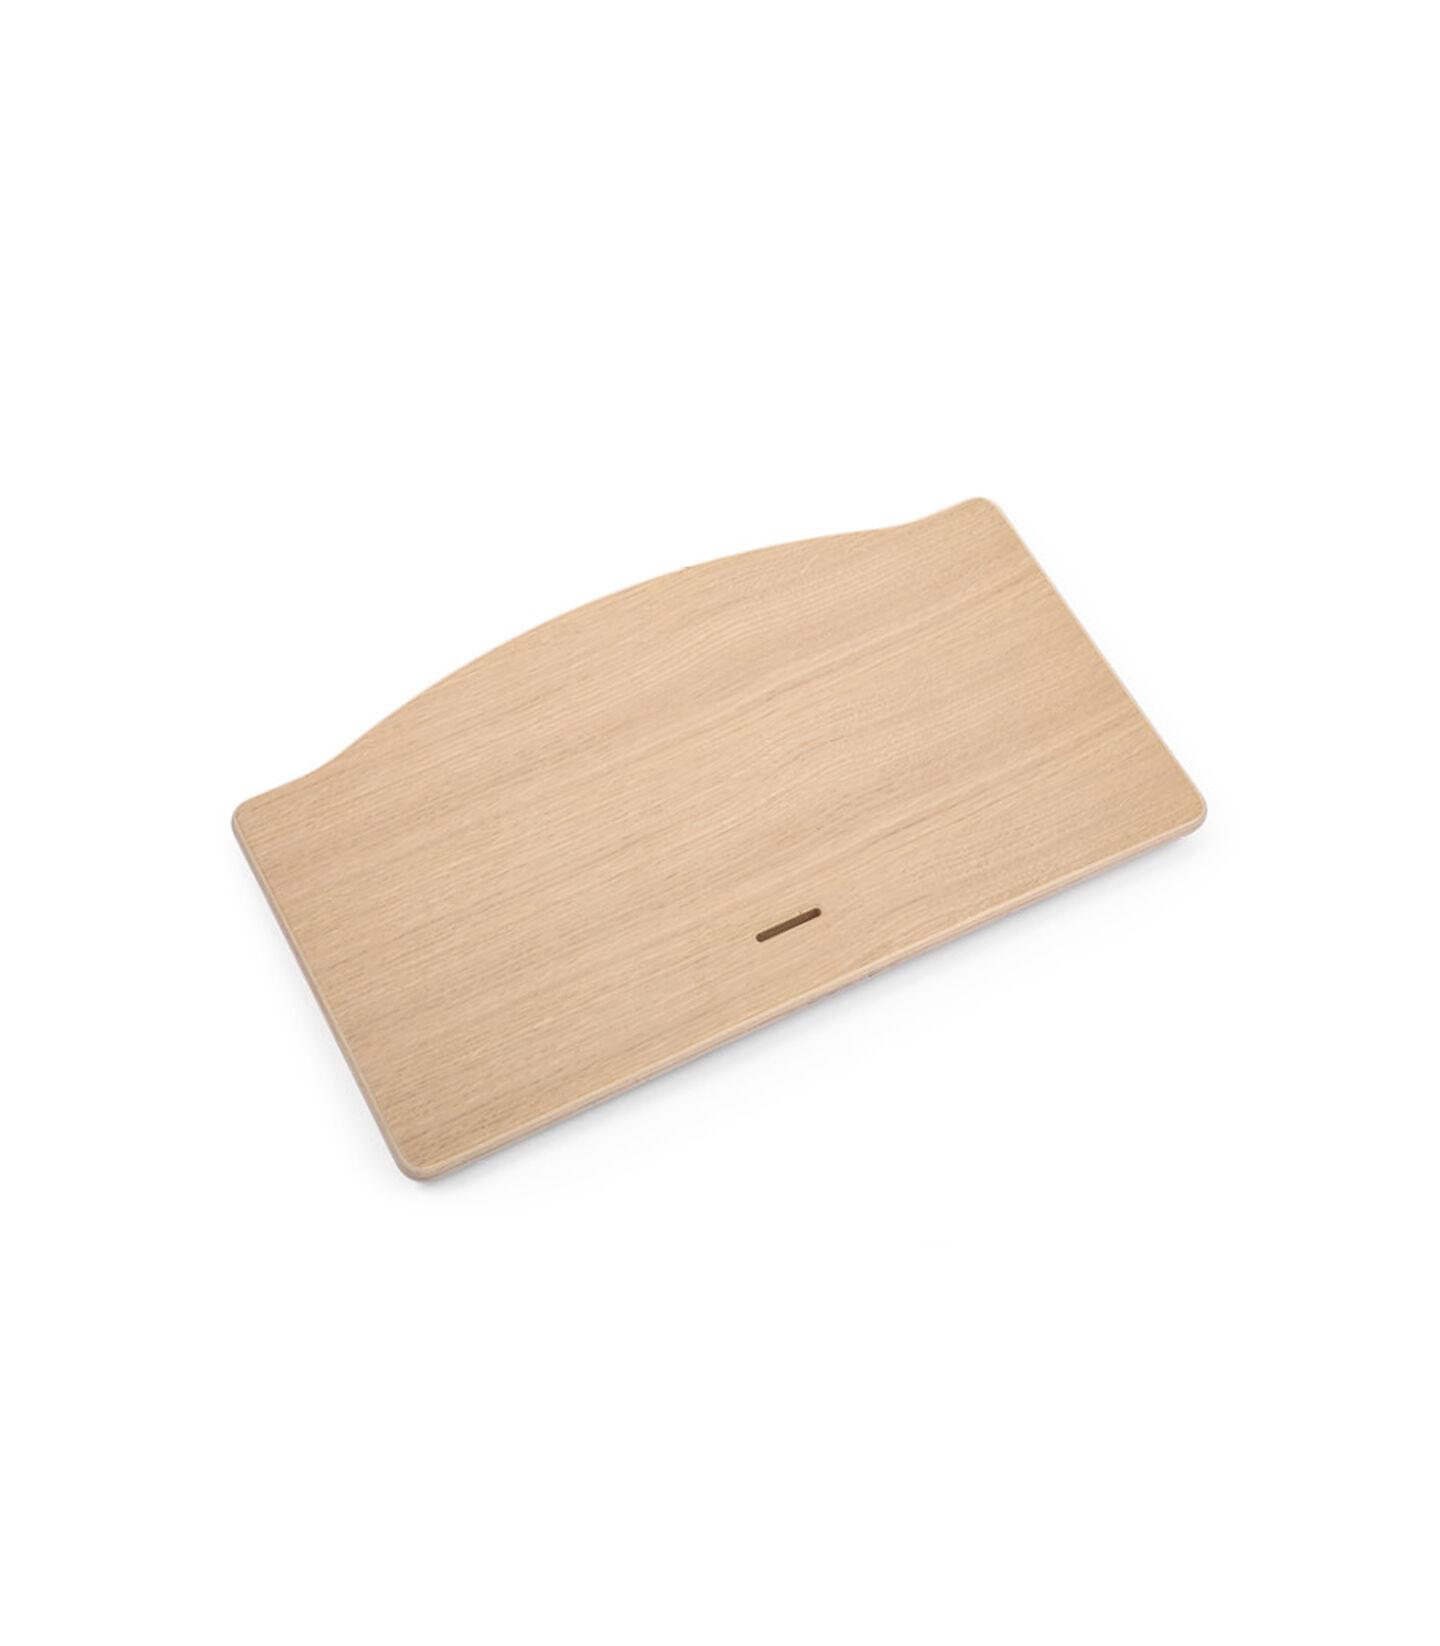 Tripp Trapp® Seatplate Oak White, Chêne Naturel, mainview view 1